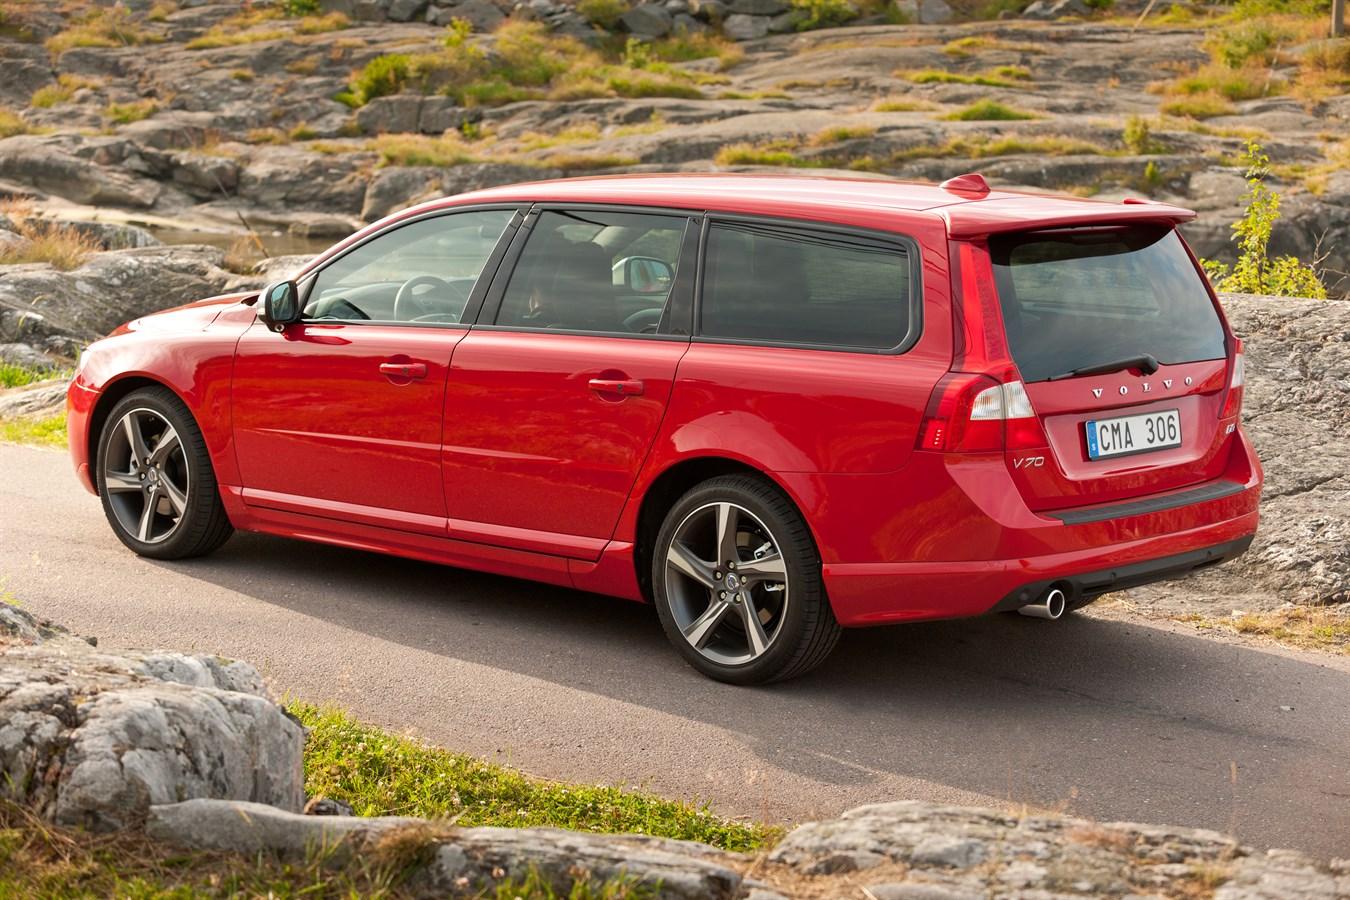 Volvo V60 Cross Country >> Volvo V70 - model year 2012 - Volvo Car Group Global Media Newsroom